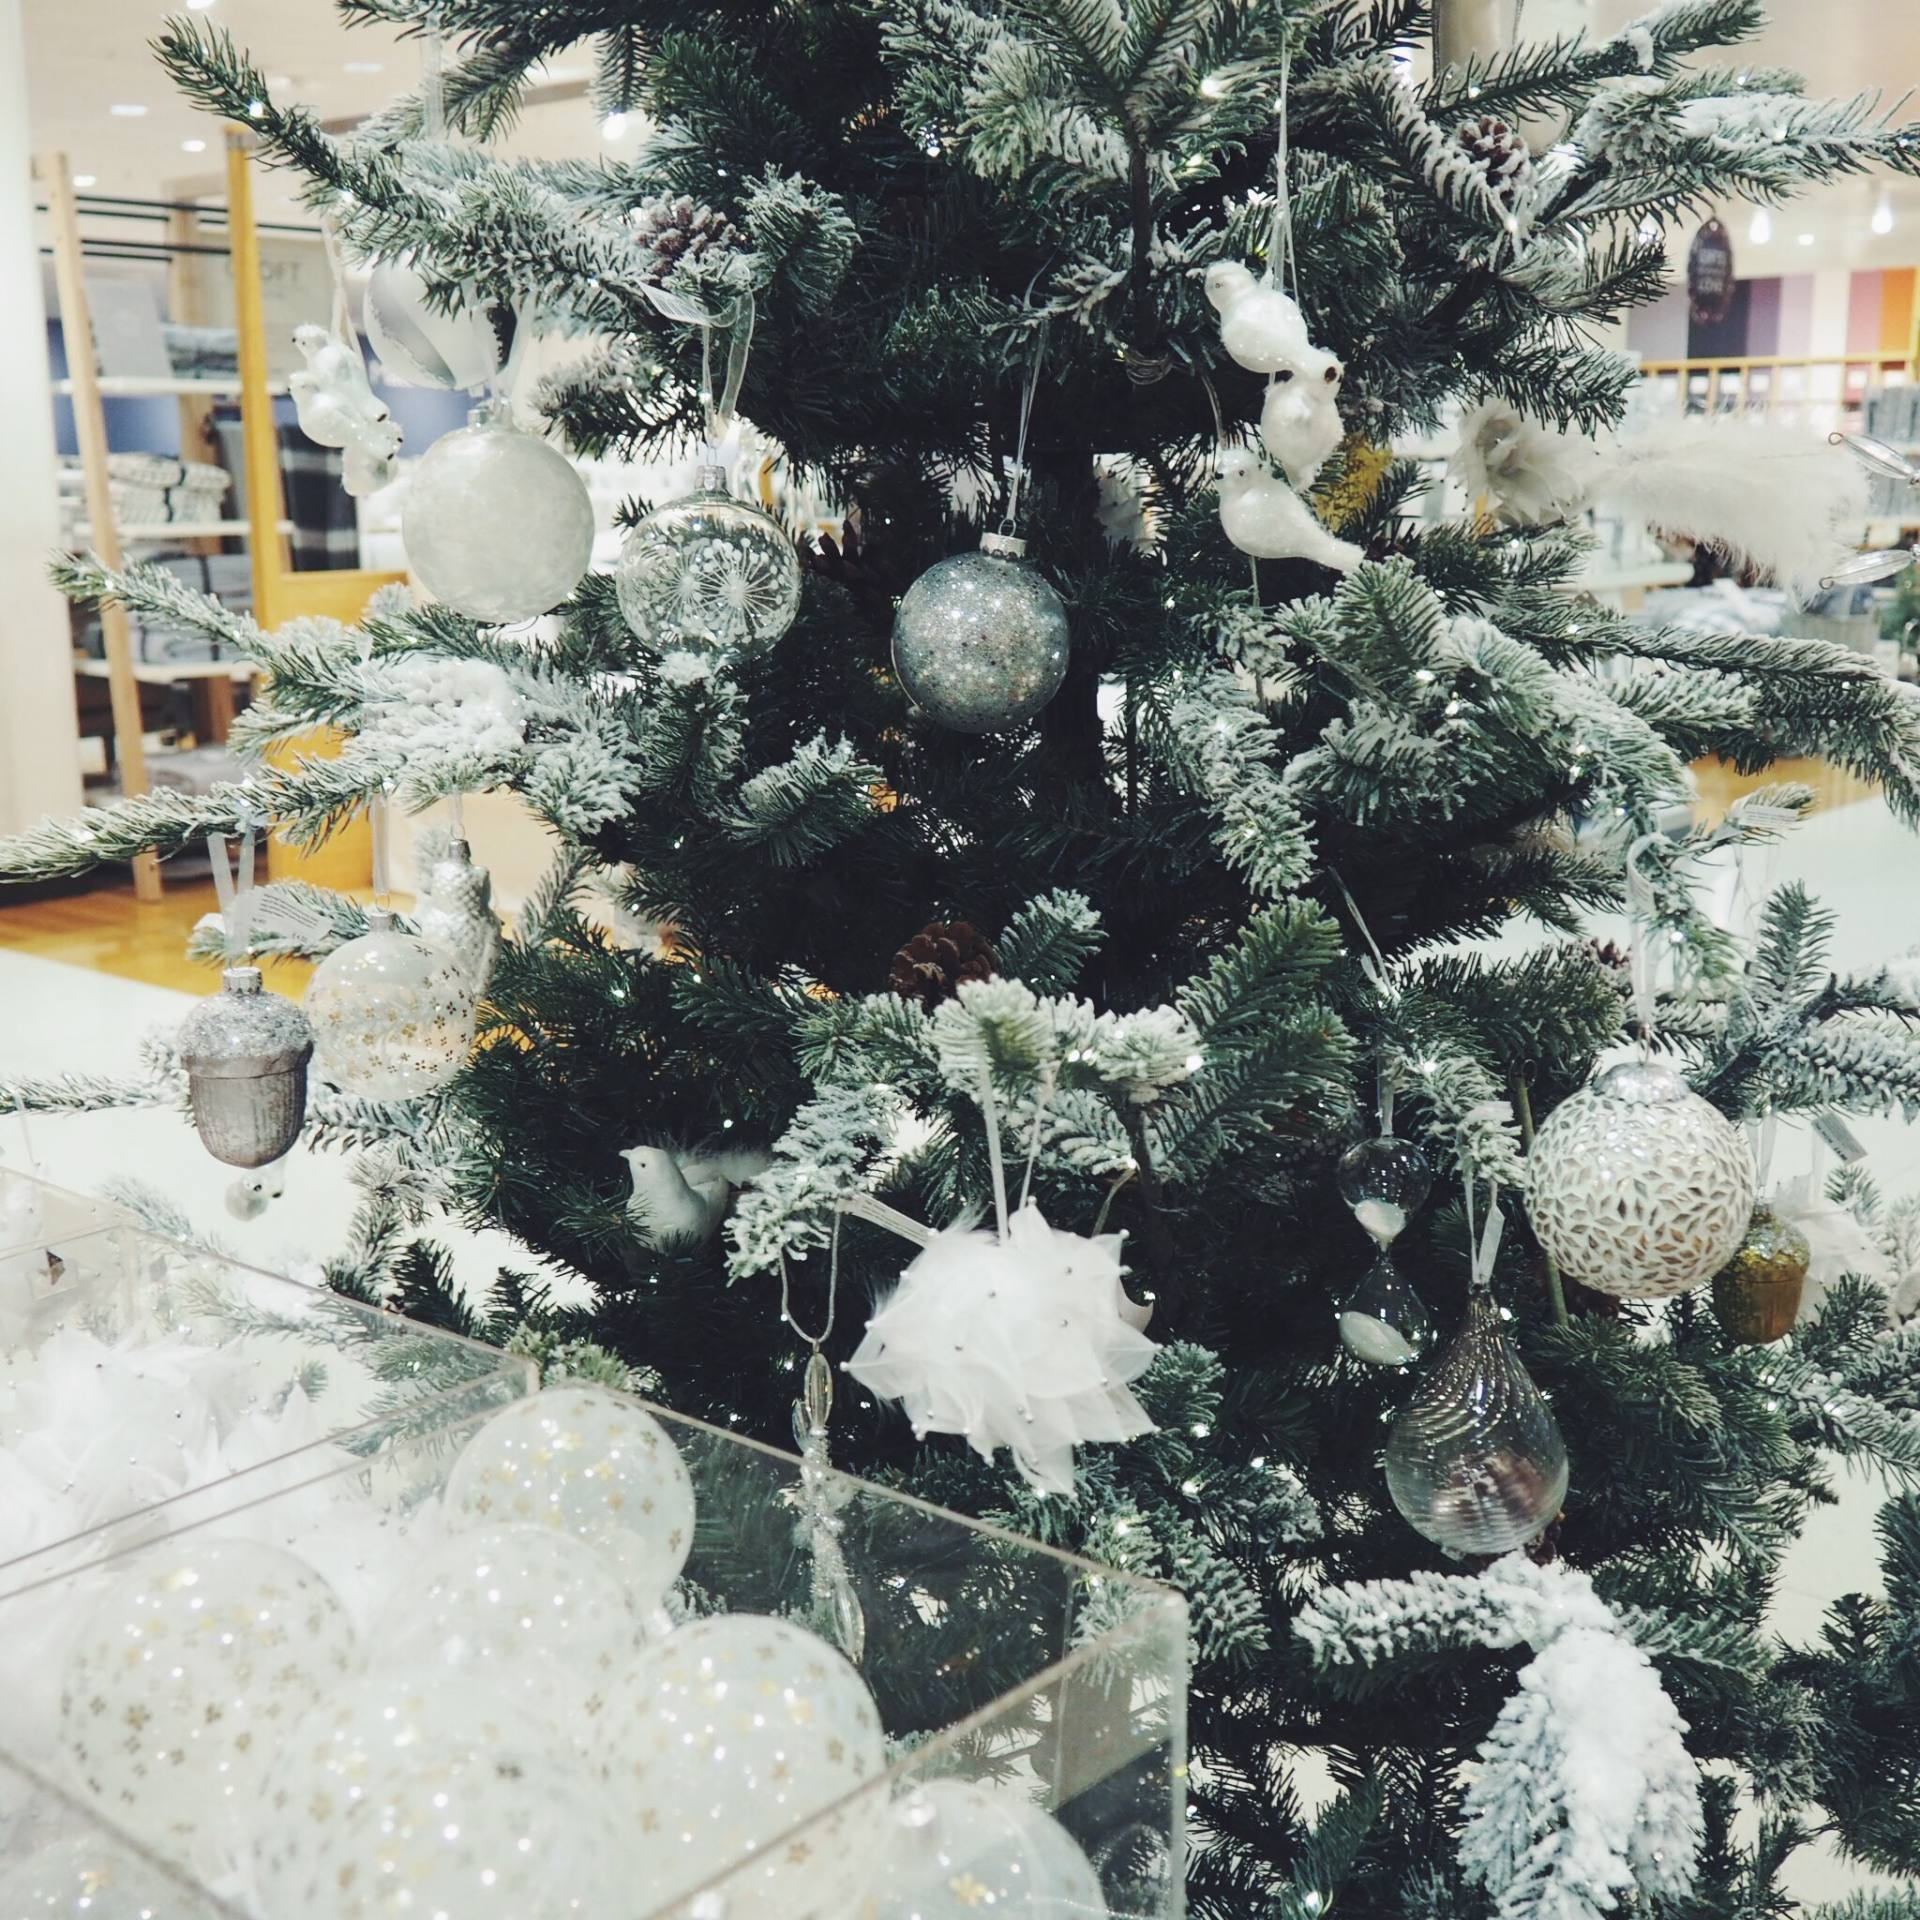 Christmas tree in John Lewis